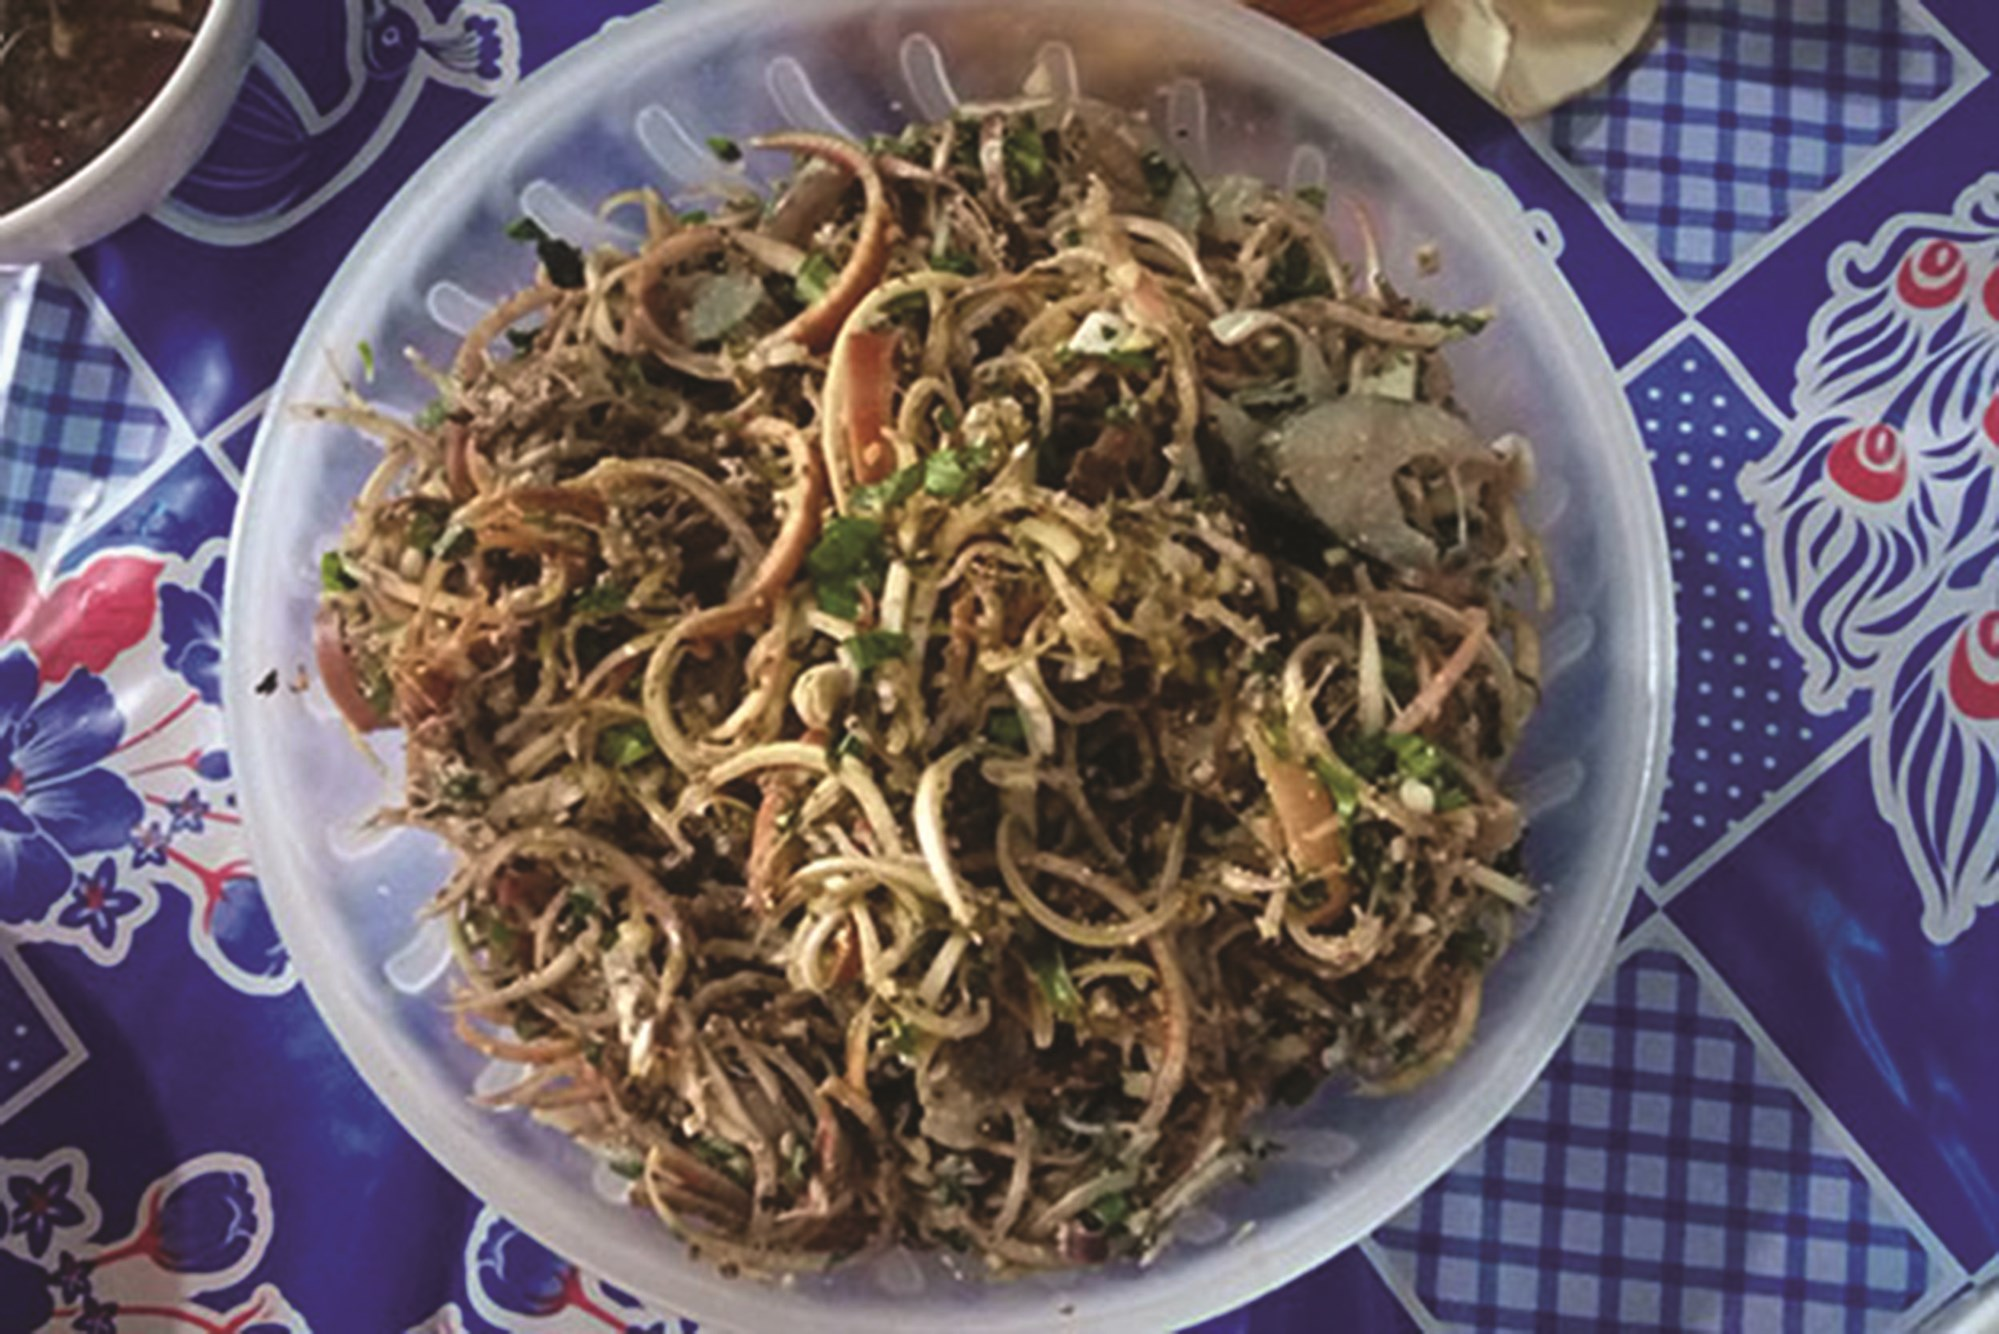 Gỏi cá - món ăn đặc sắc của dân tộc Thái.